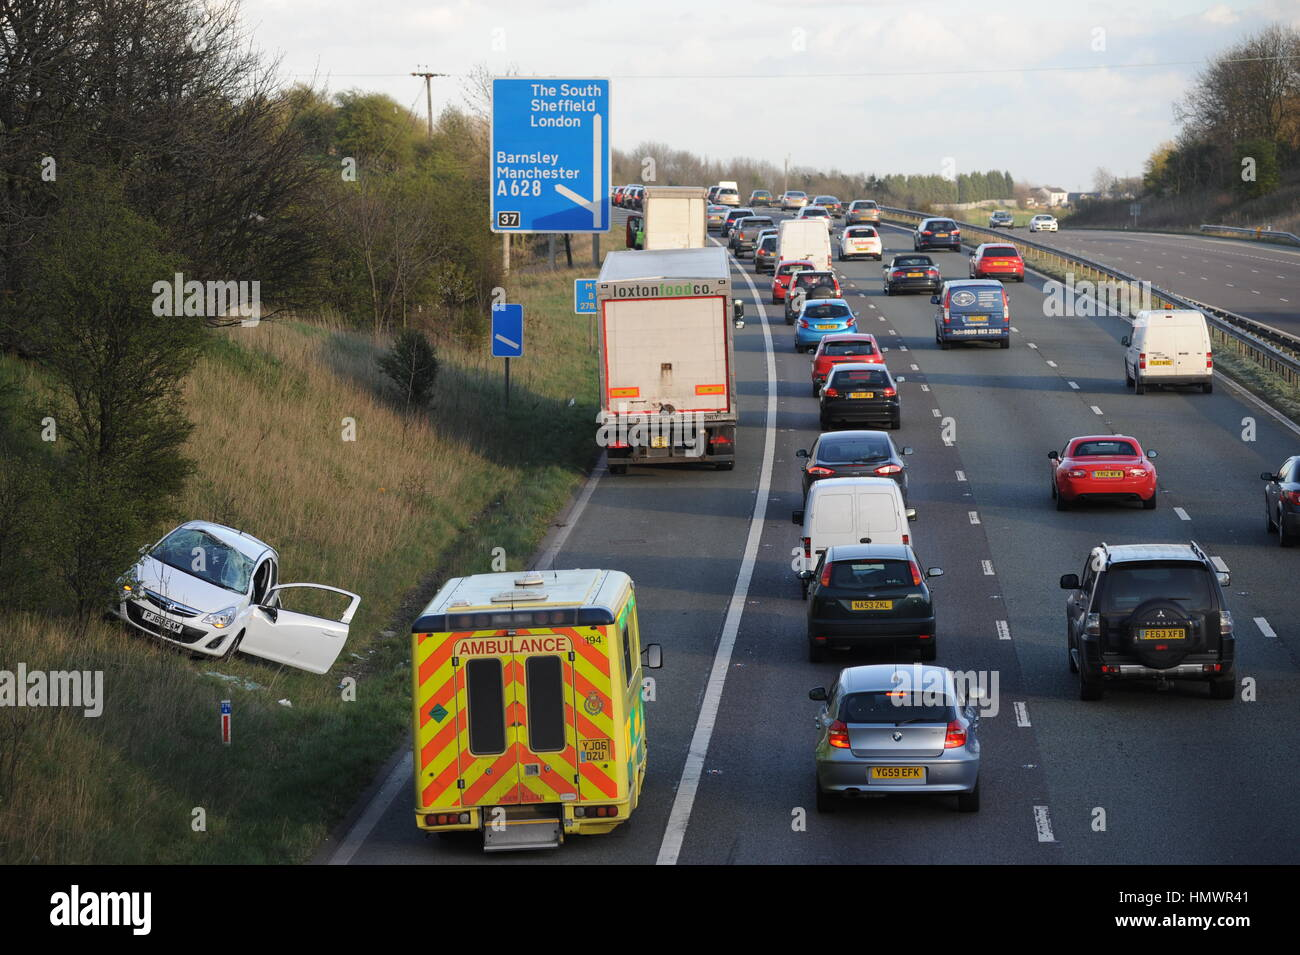 M1 Crash Stock Photos & M1 Crash Stock Images - Alamy